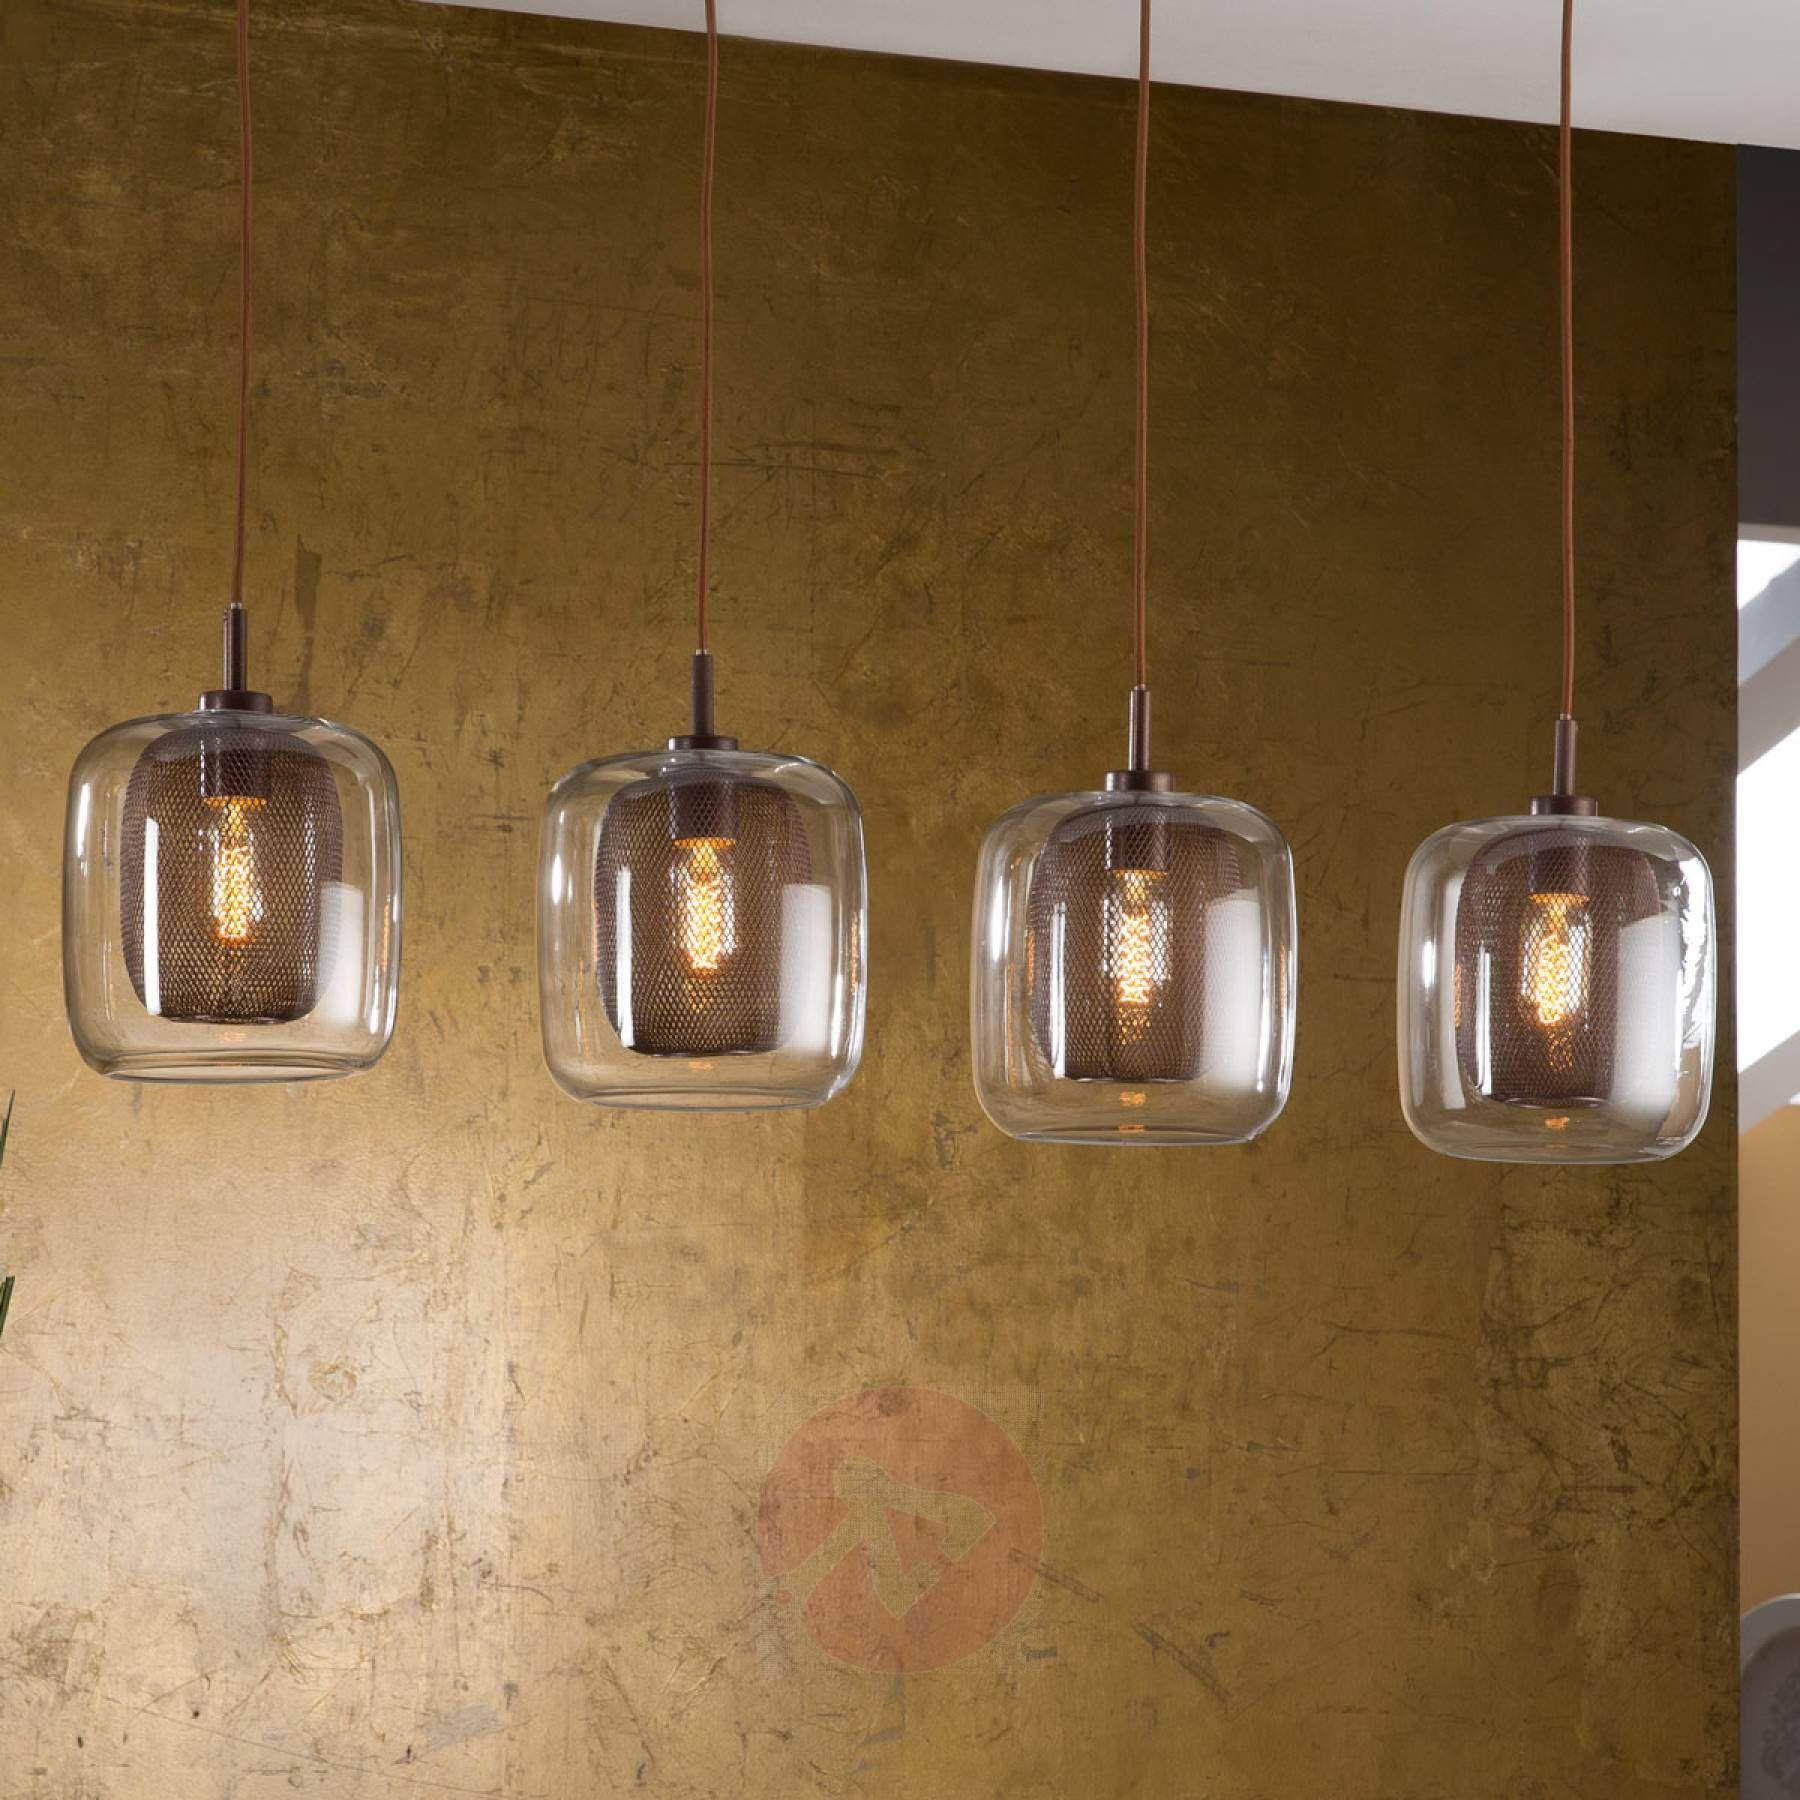 Hanglamp Fox Met Dubbele Schermen And 4 Lichtbronnen 8582297 01 Hanglamp Lampen24 Hangende Lichten